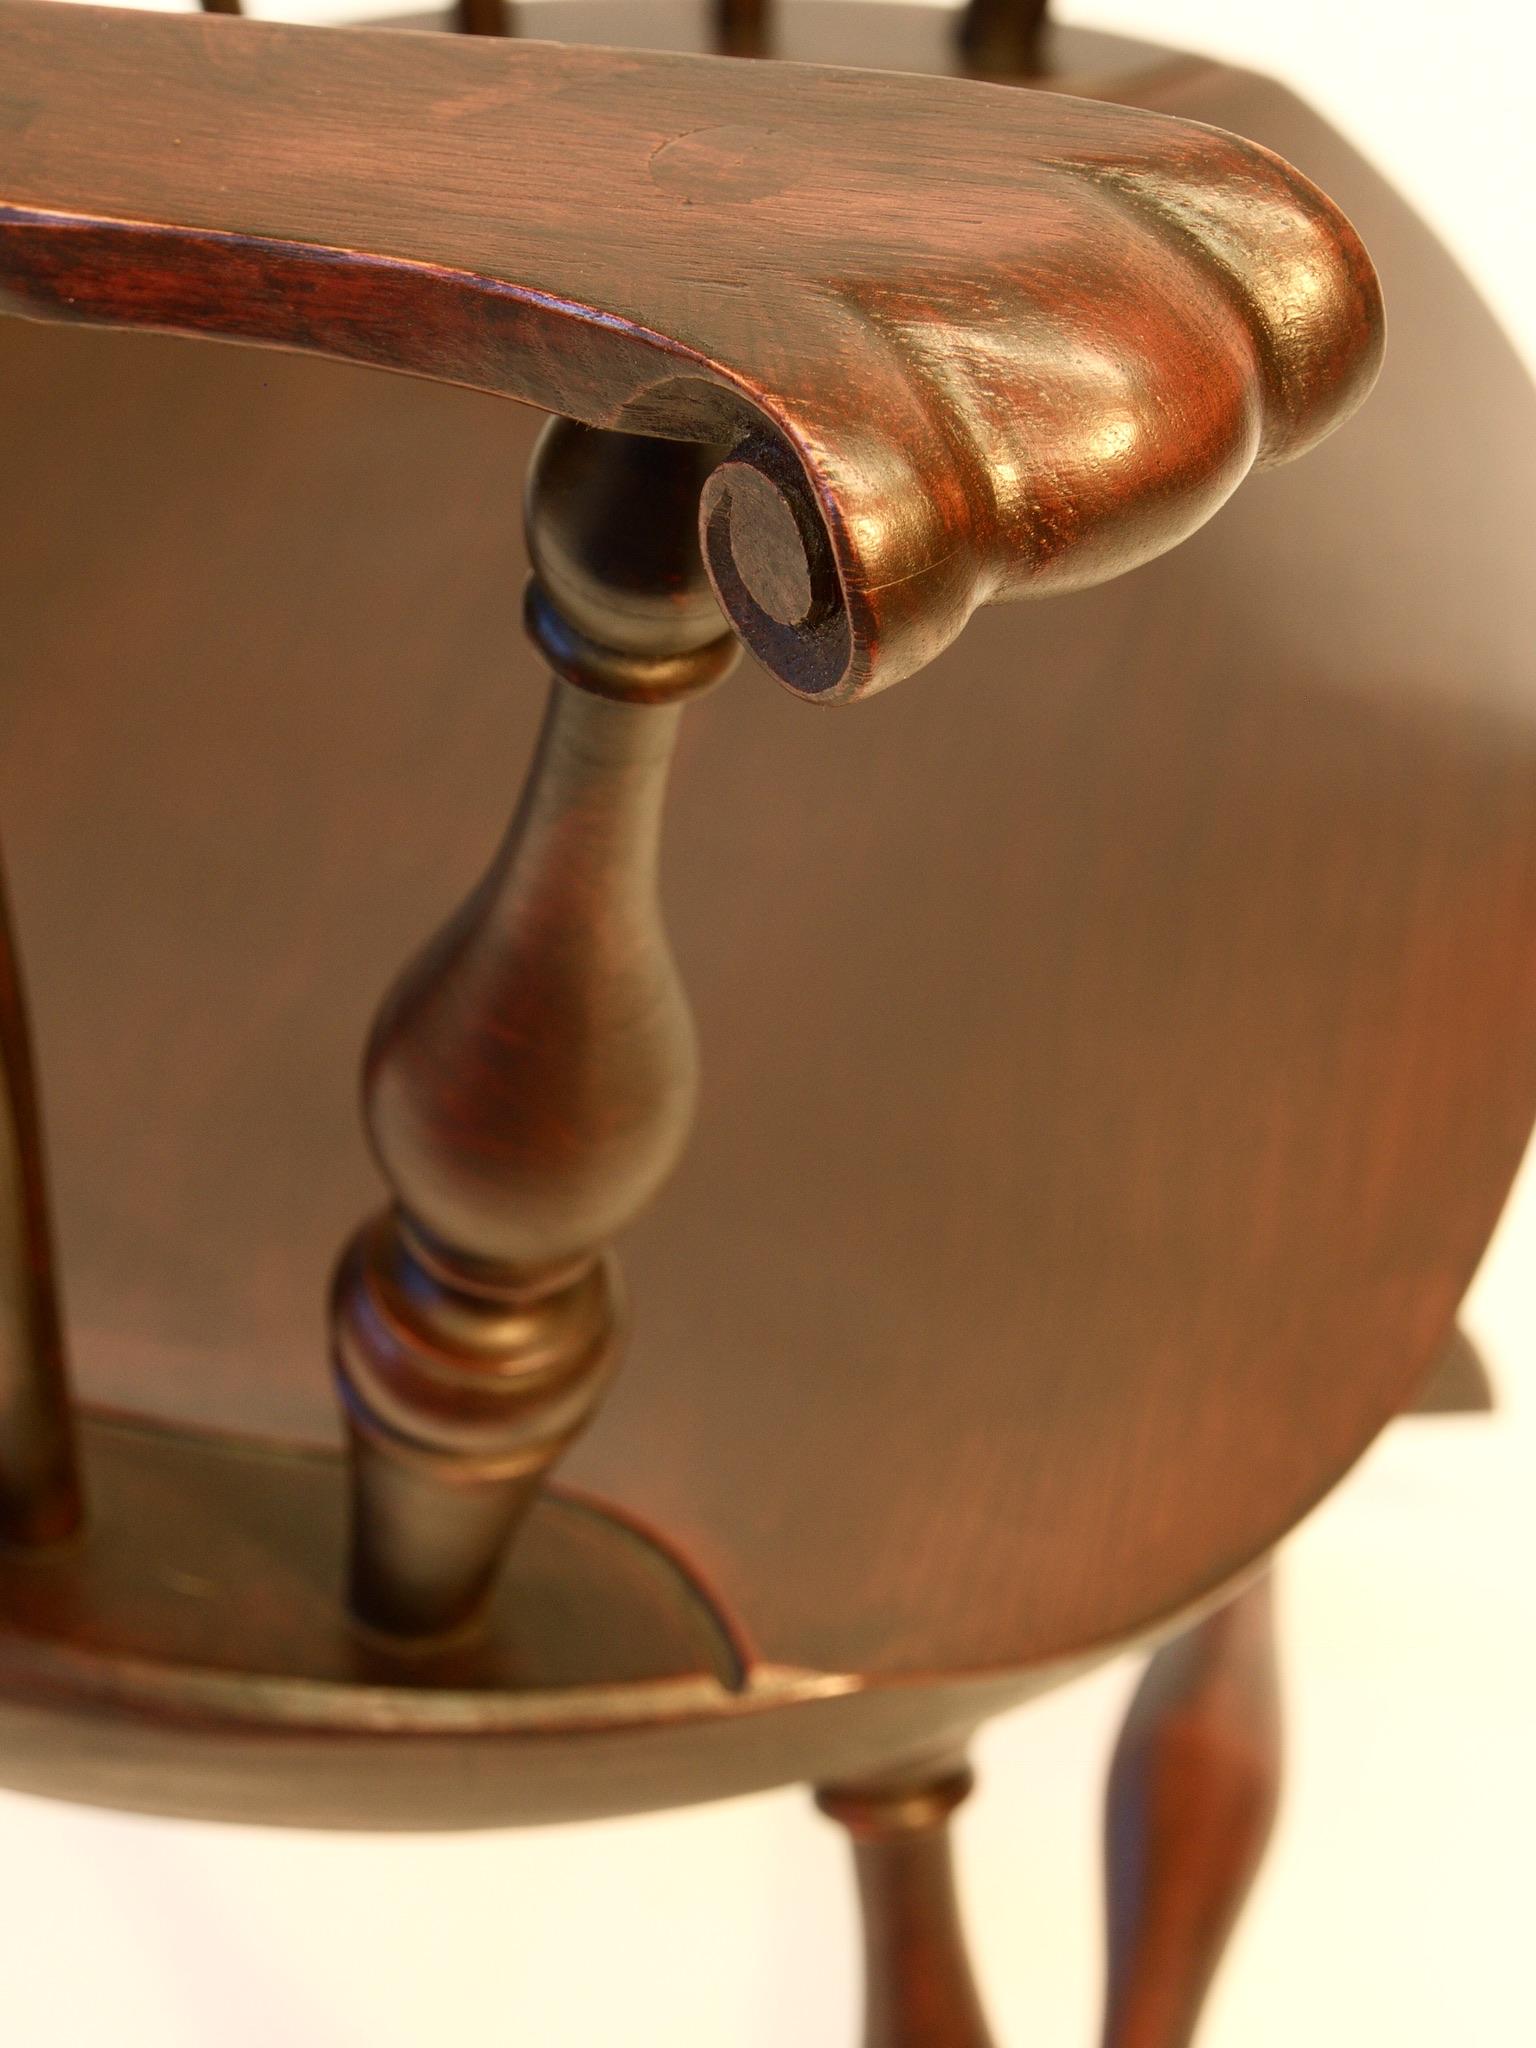 Carved Windsor Knuckle